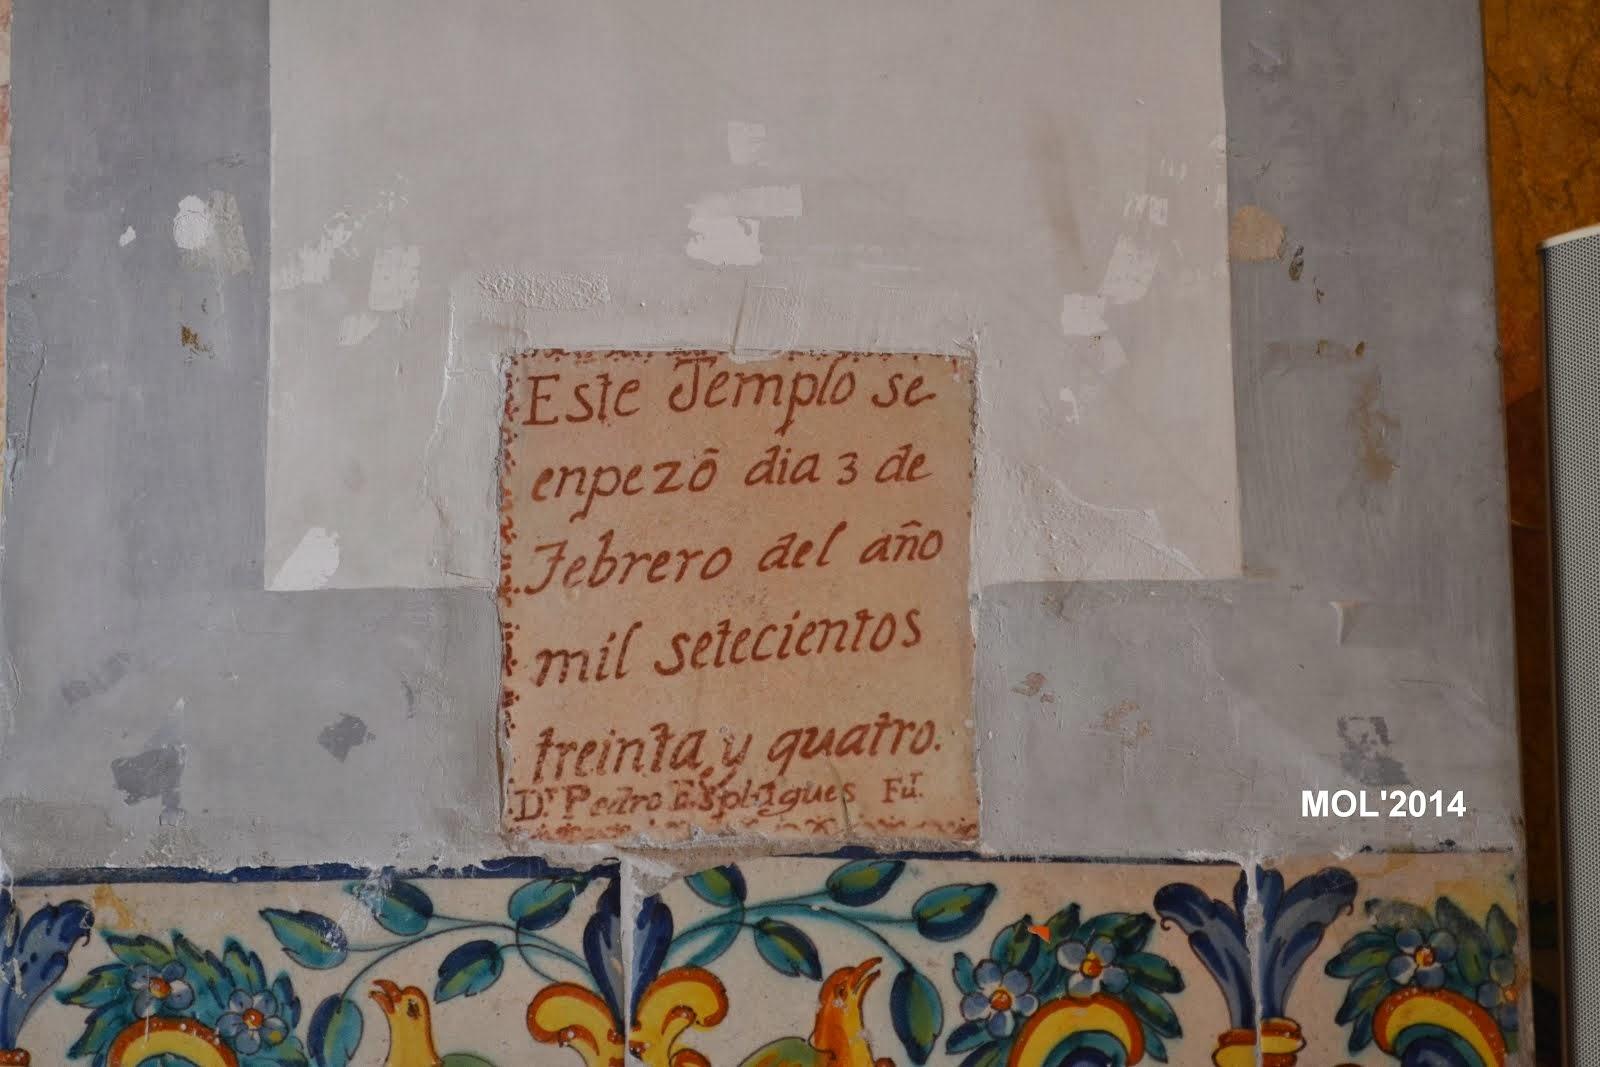 HOY DÍA 3 DE FEBRERO, SE CUMPLEN 280 AÑOS QUE SE EMPEZÓ A CONSTRUIR LA PARROQUIA 1734 2014